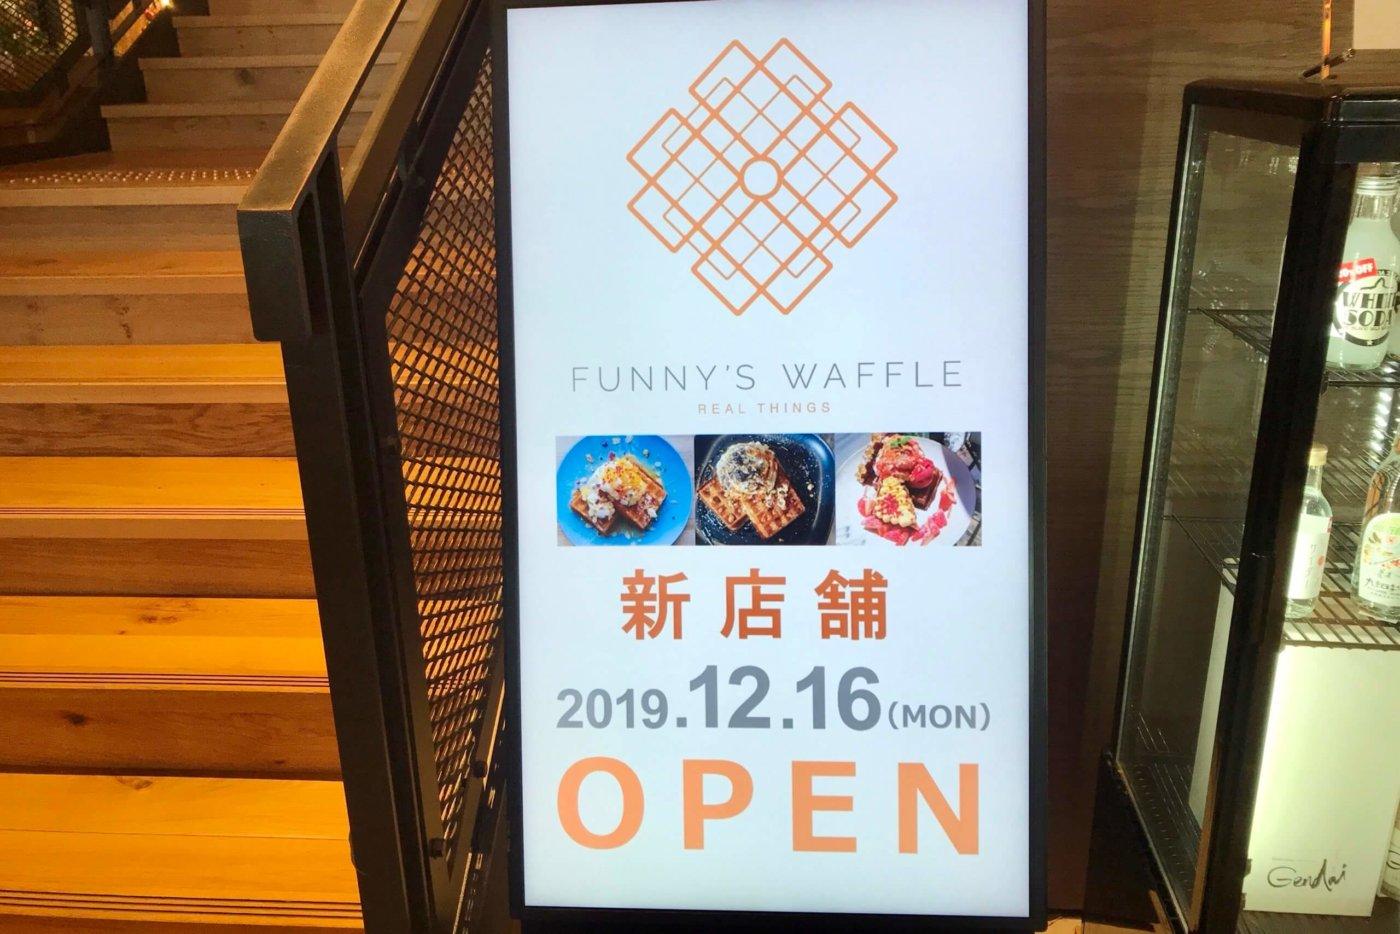 高知蔦屋書店の新店舗 ファニーズワッフルのオープン予定日告知